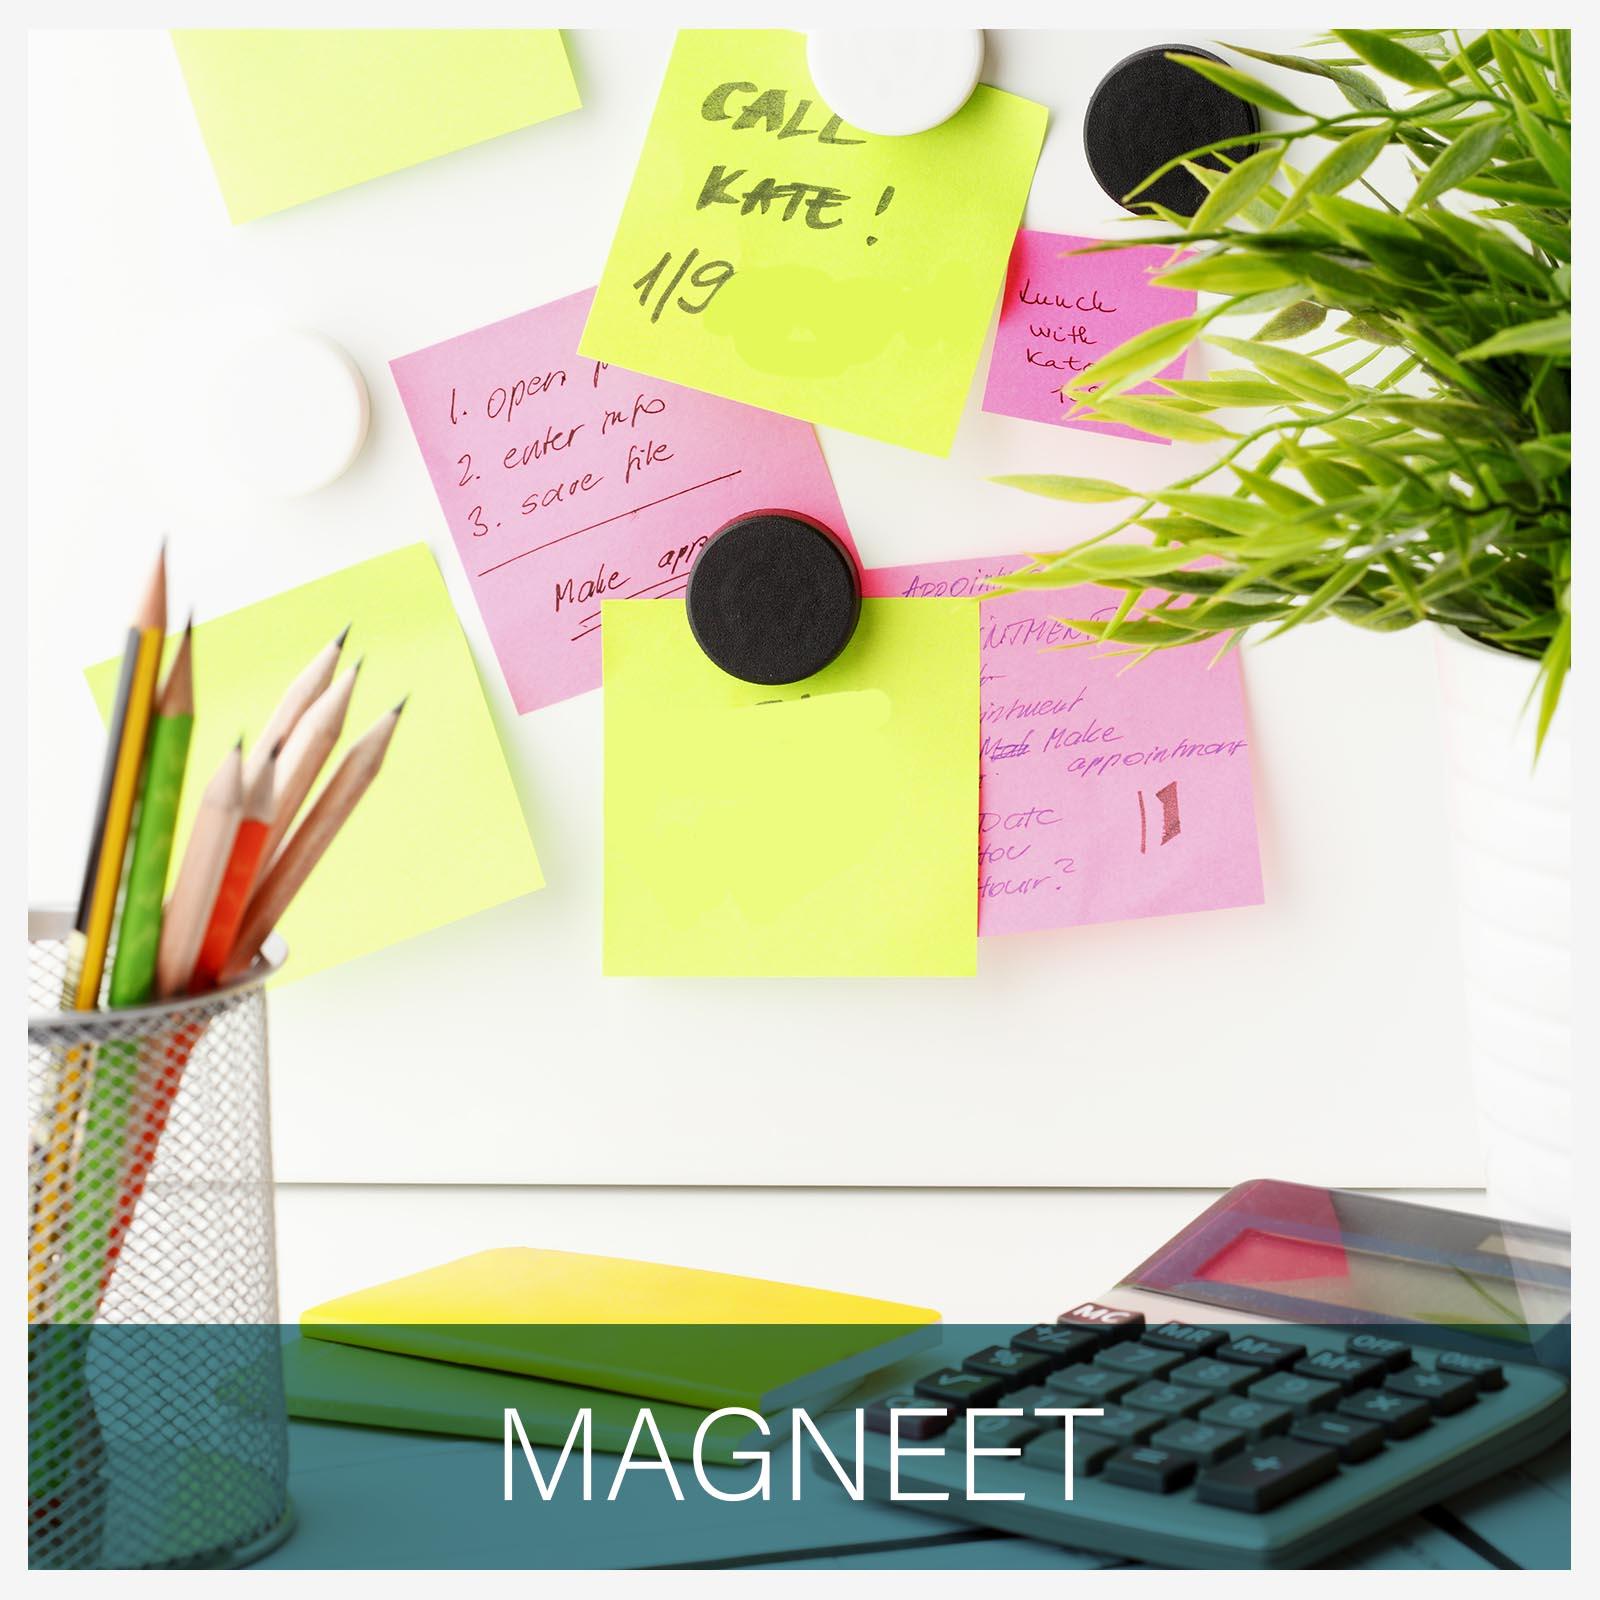 magneet-tekst